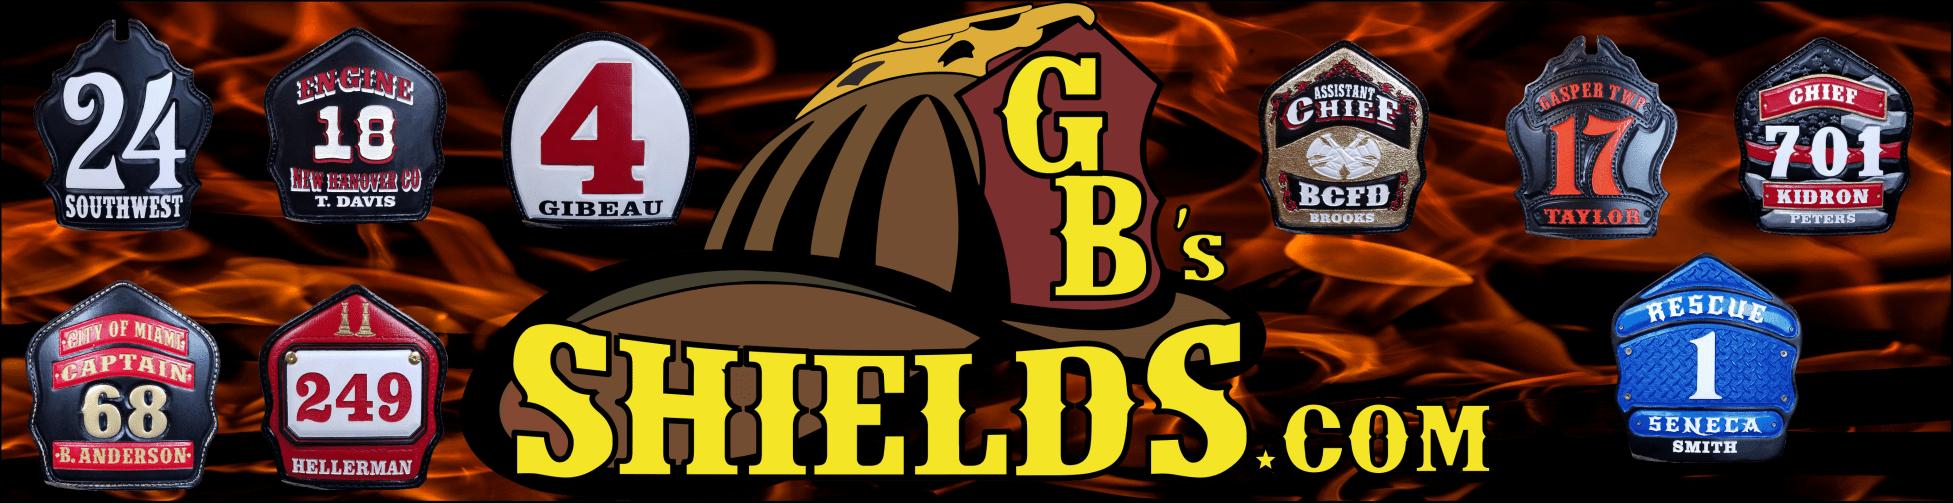 GB Shields